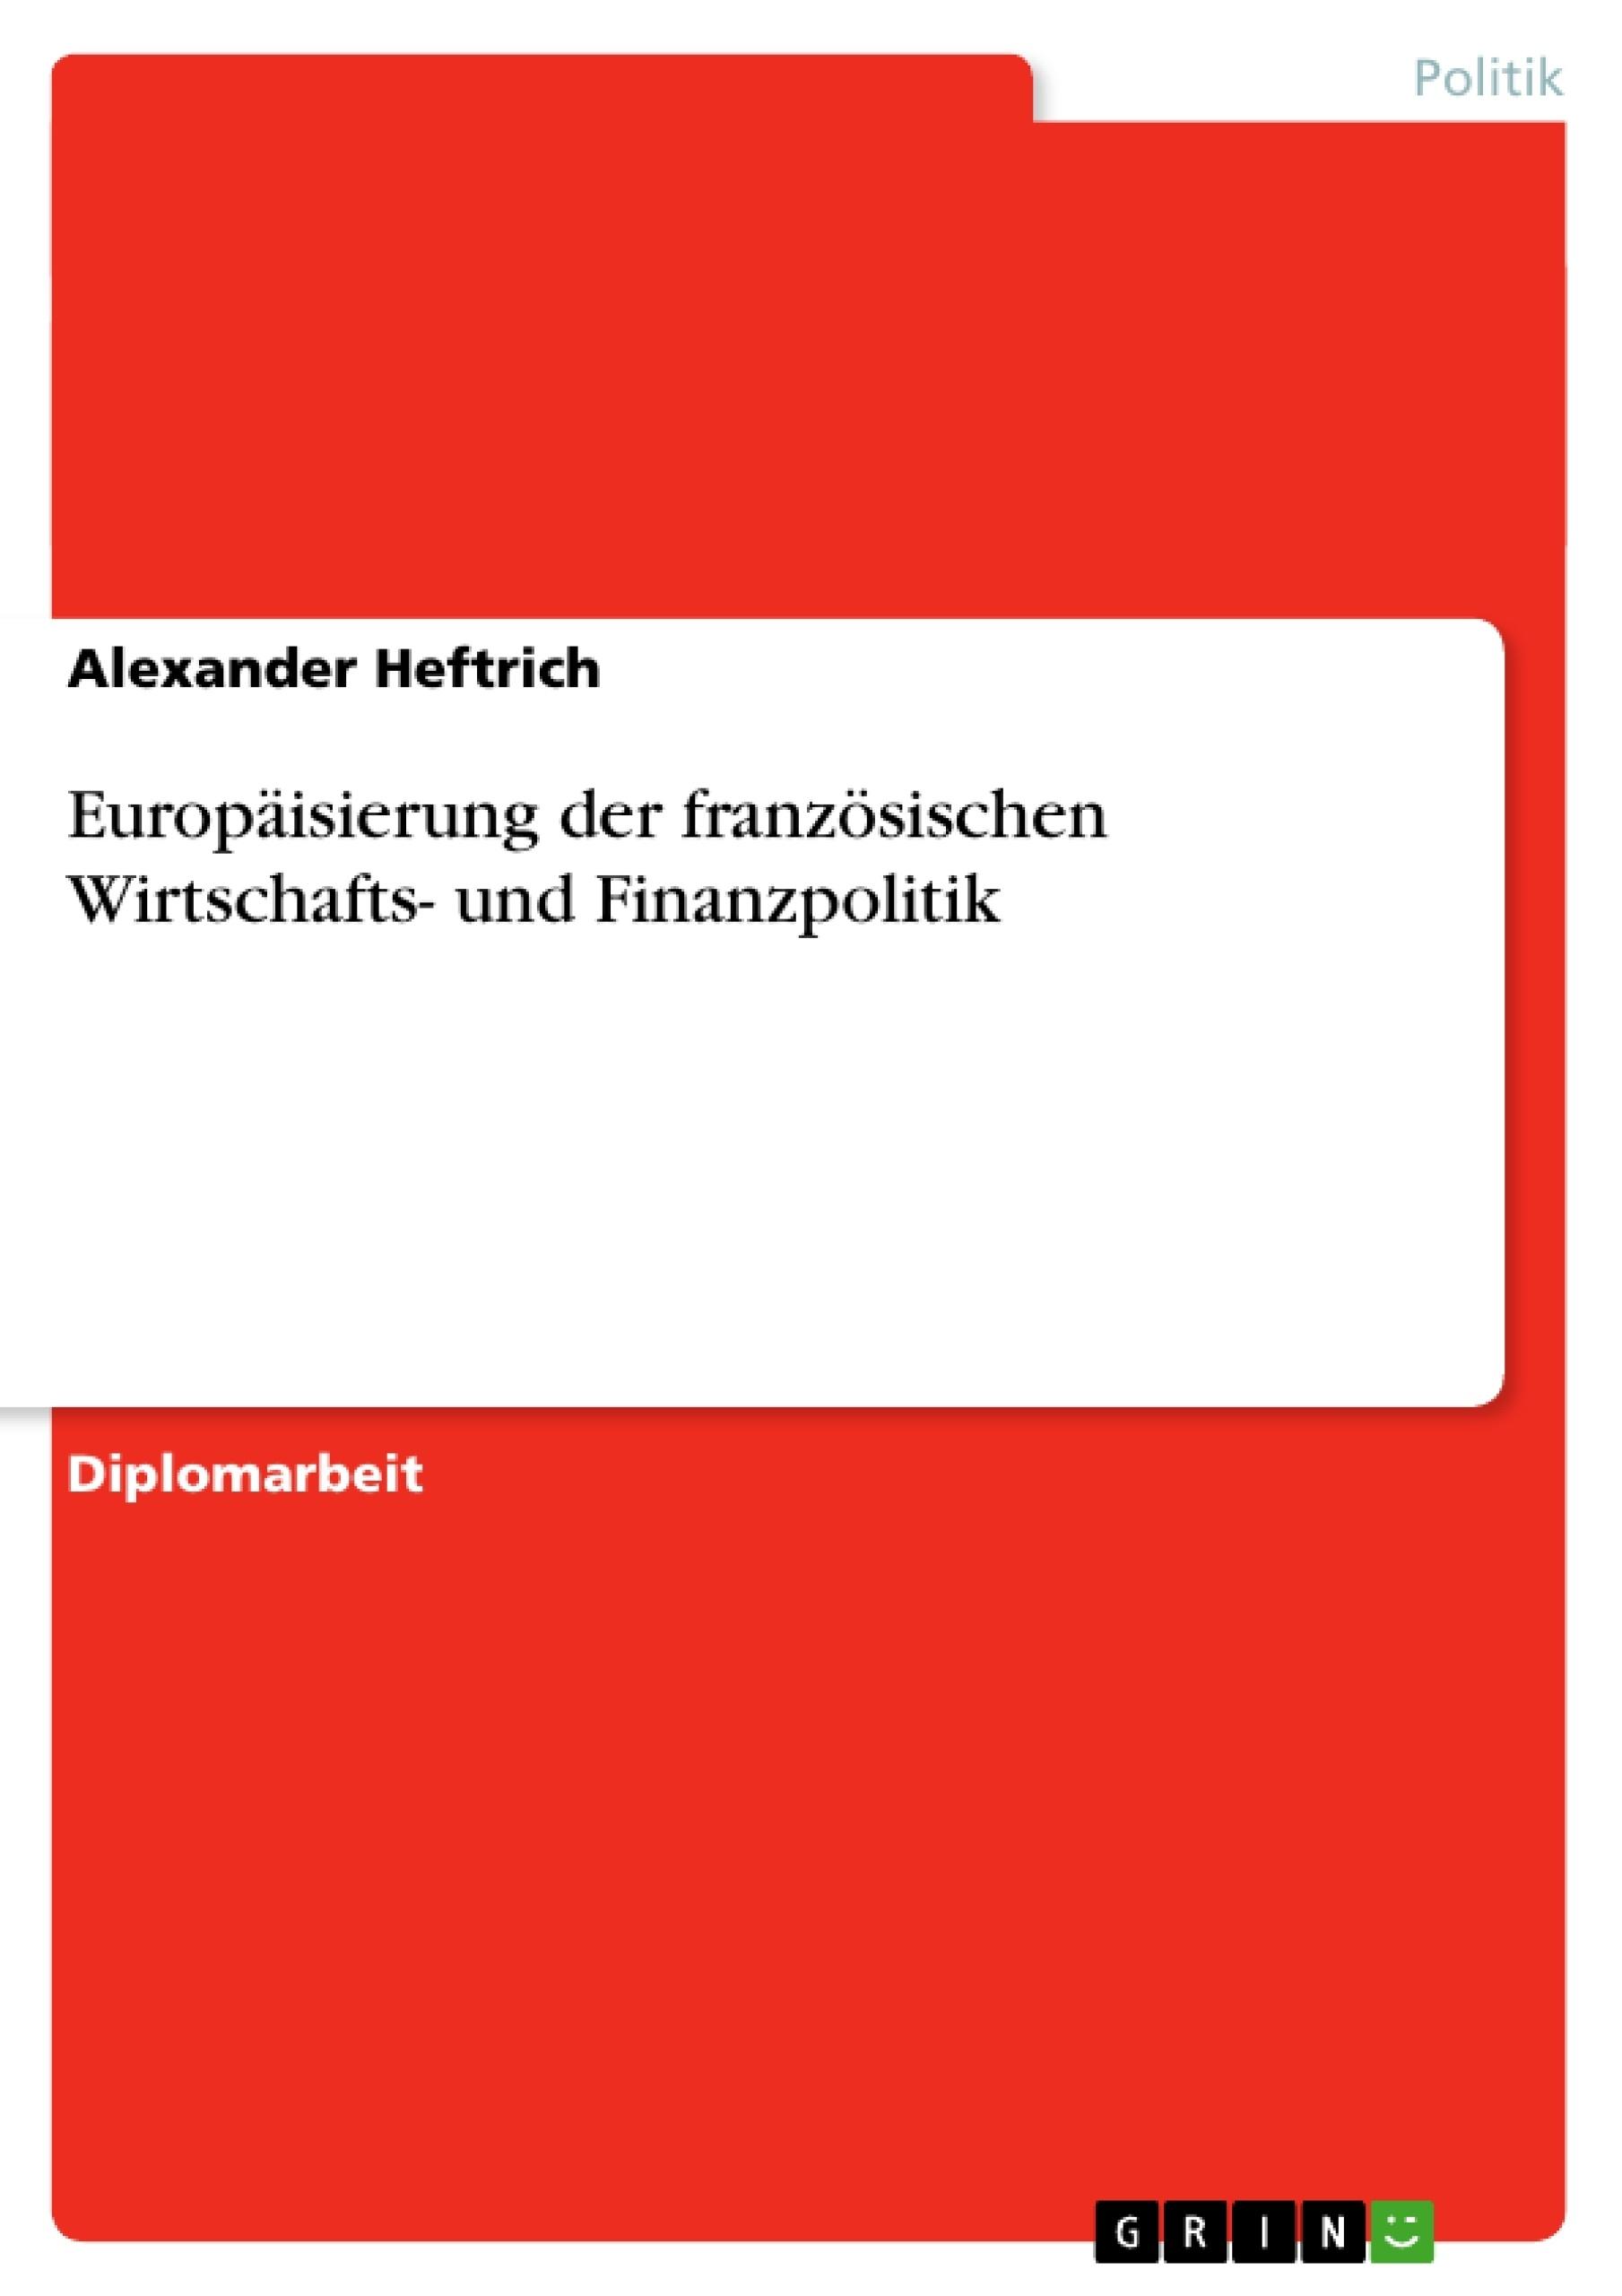 Titel: Europäisierung der französischen Wirtschafts- und Finanzpolitik